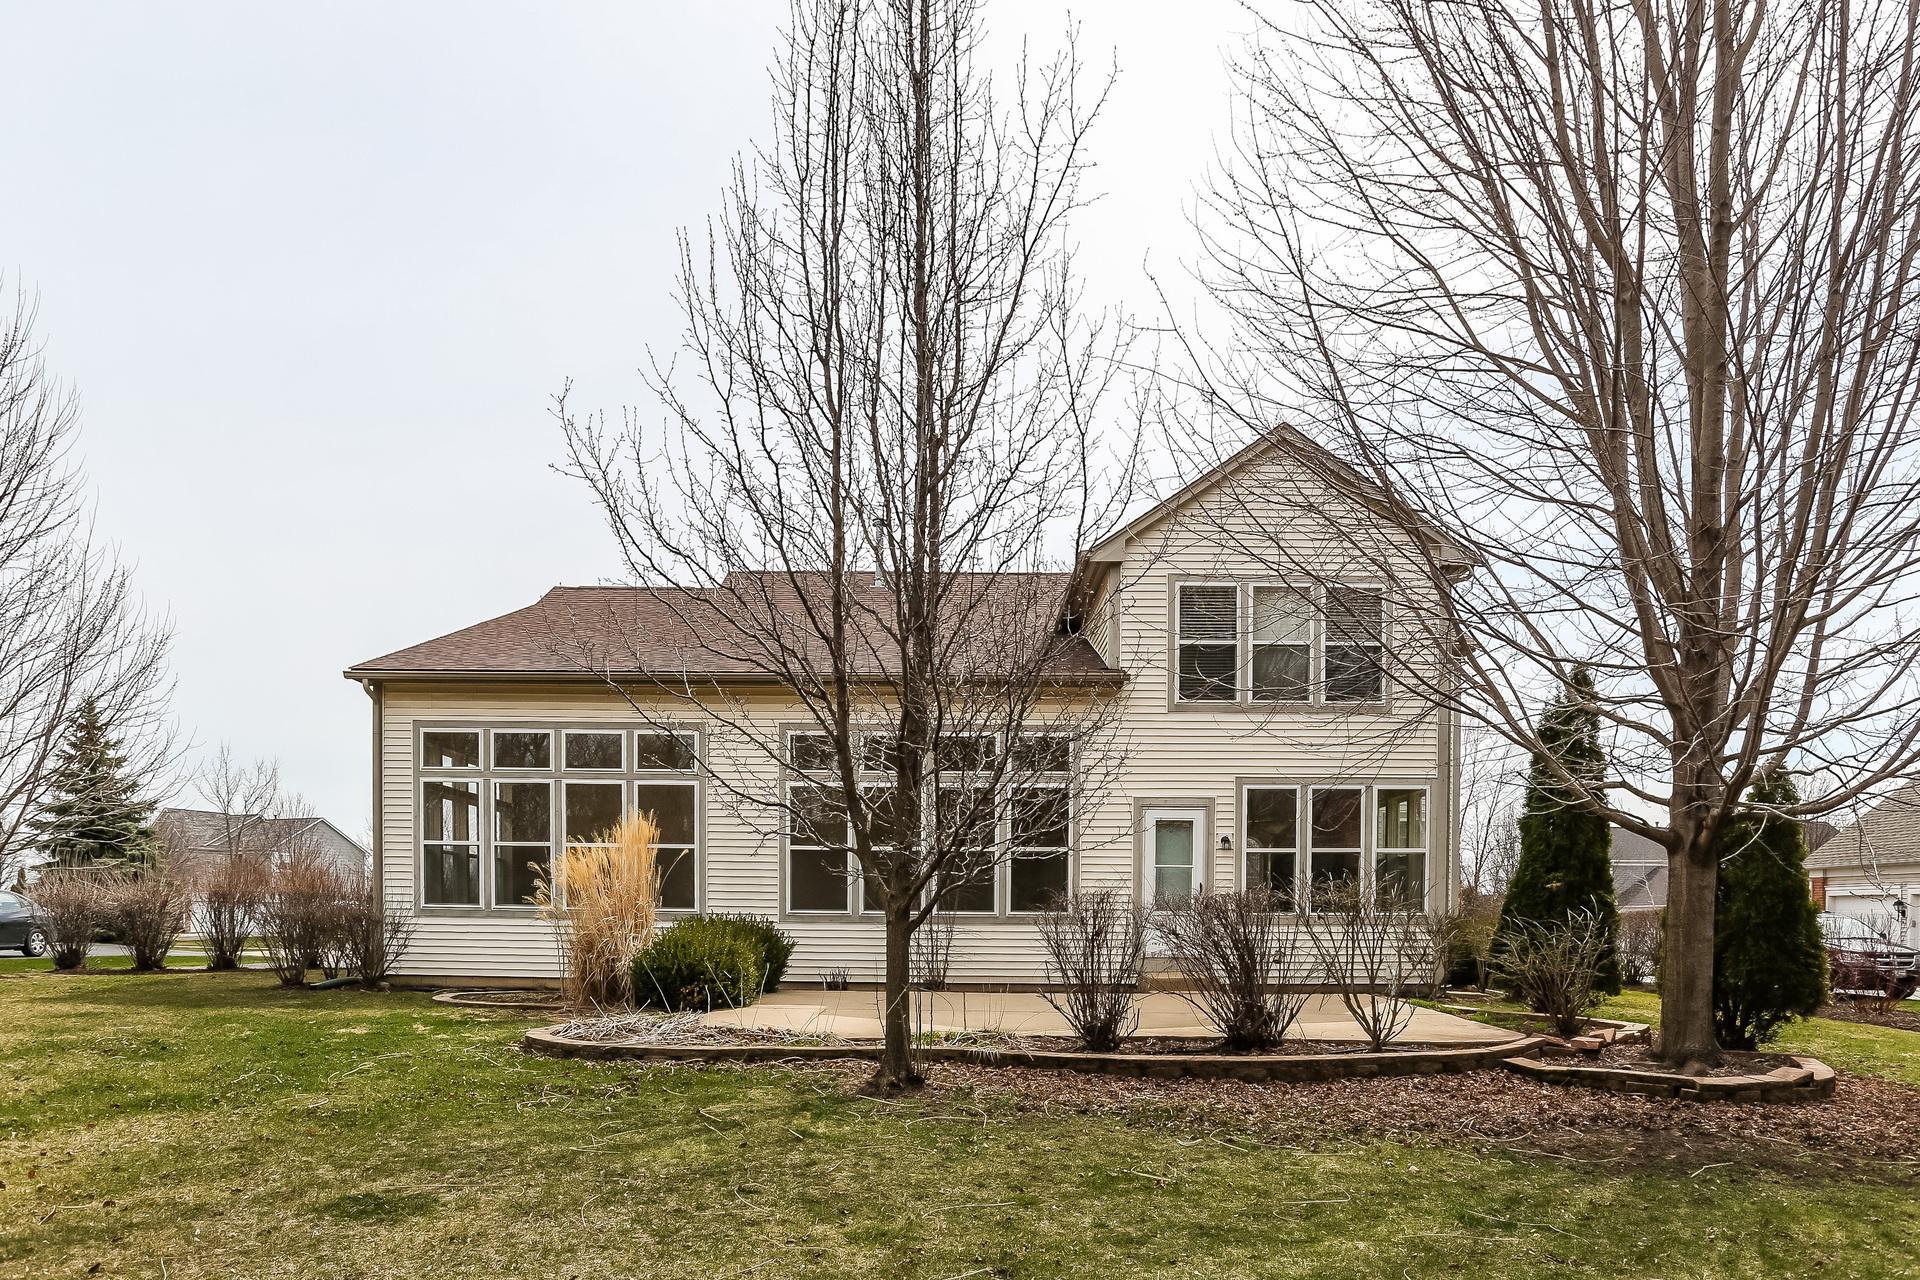 Photo of 530 Saratoga Cir, Algonquin, IL, 60102